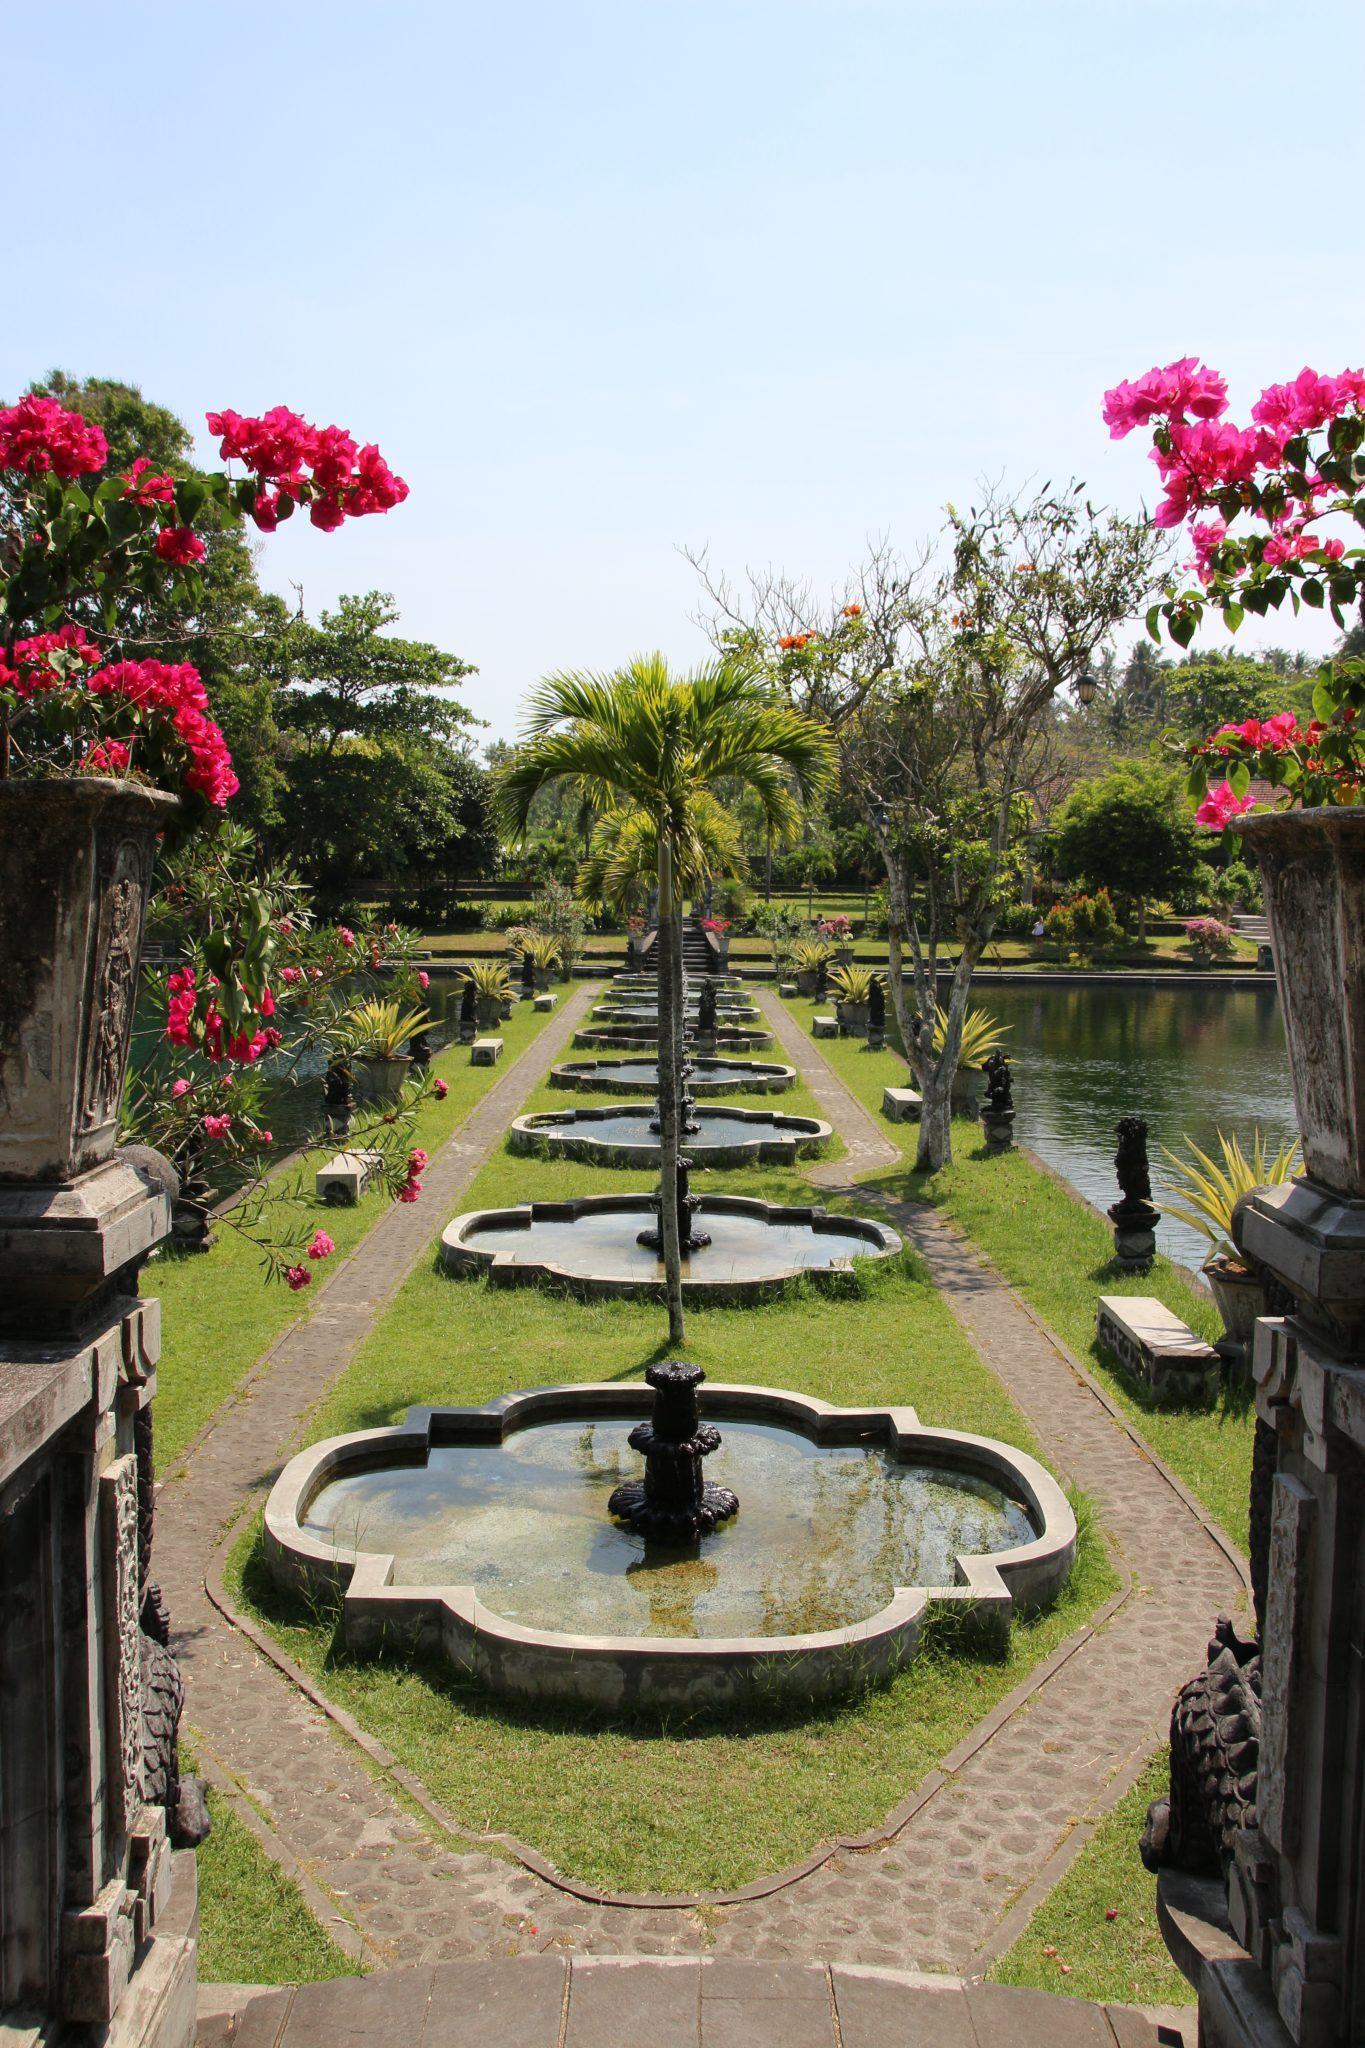 Gardens at Tirta Gangga Water Palace, Bali